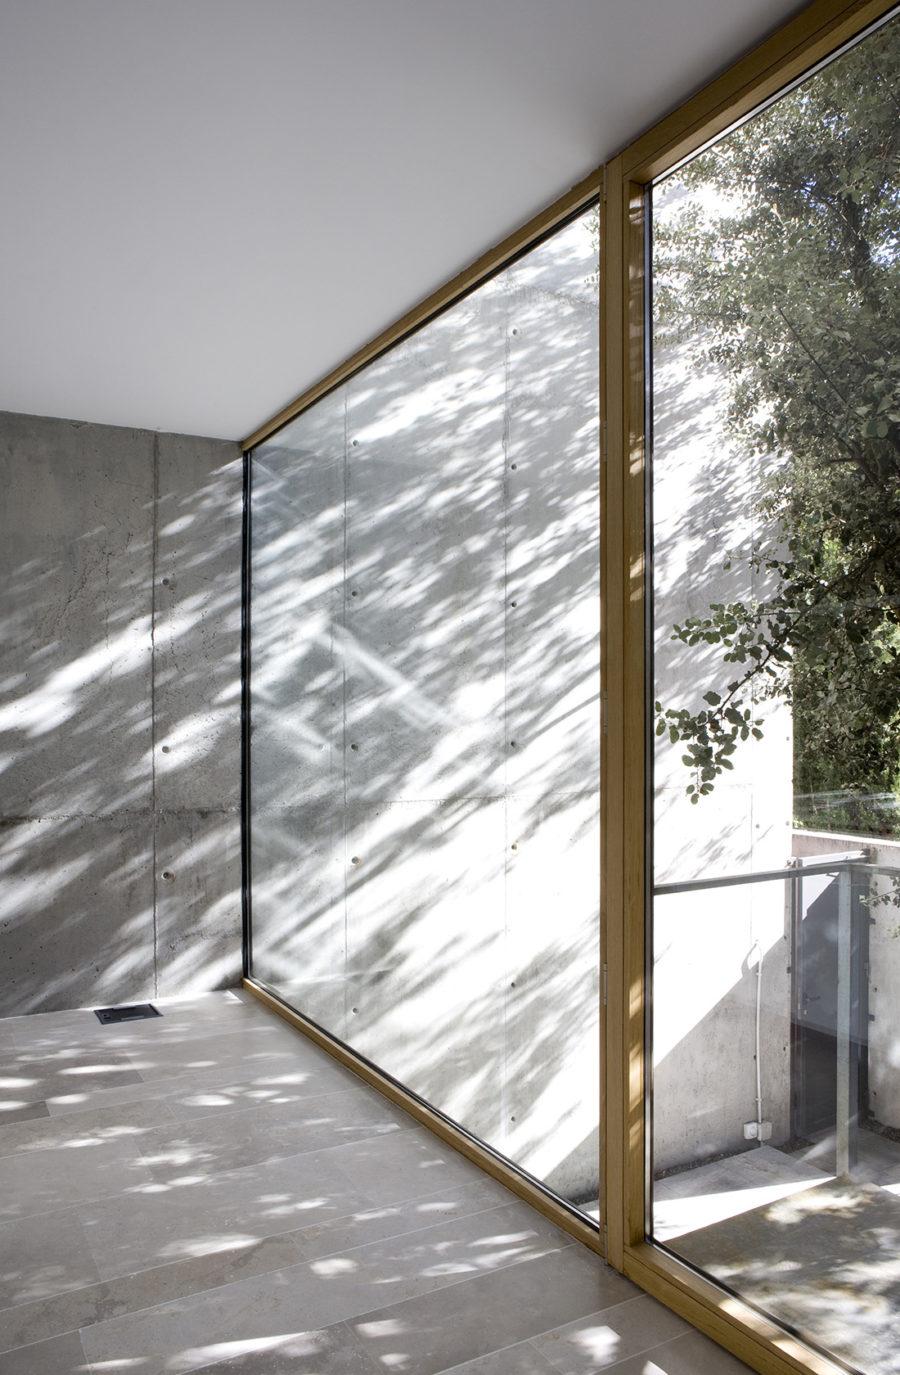 Ventanales con acceso al jardín en la sede de ÁBATON Arquitectura